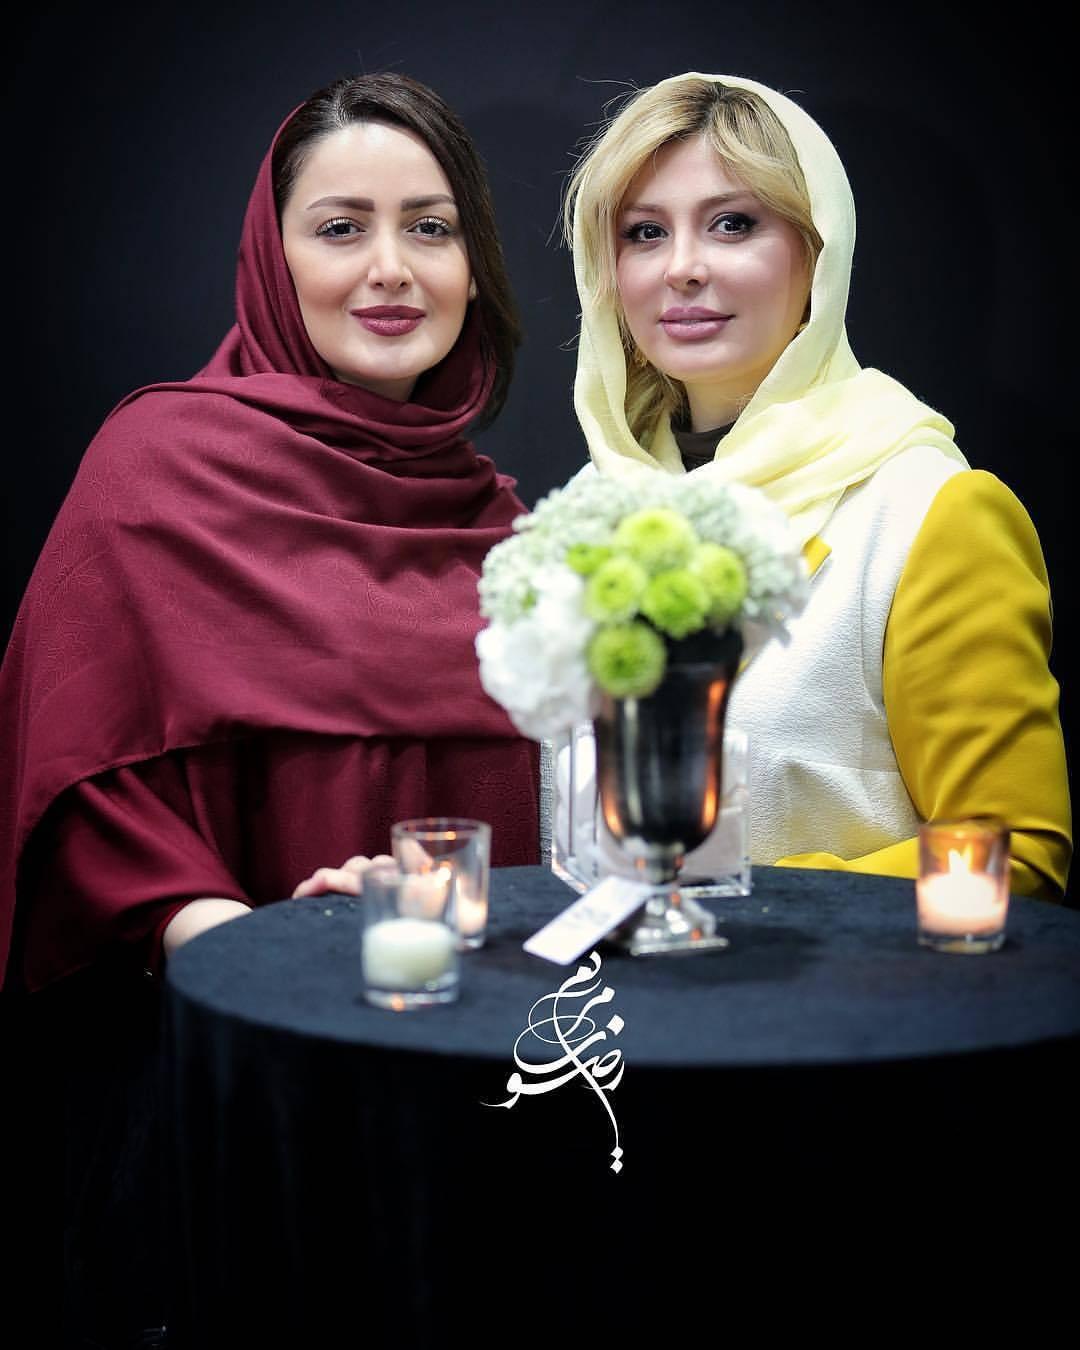 عکس جدید شیلا خداداد با همسرش و نیوشا ضیغمی